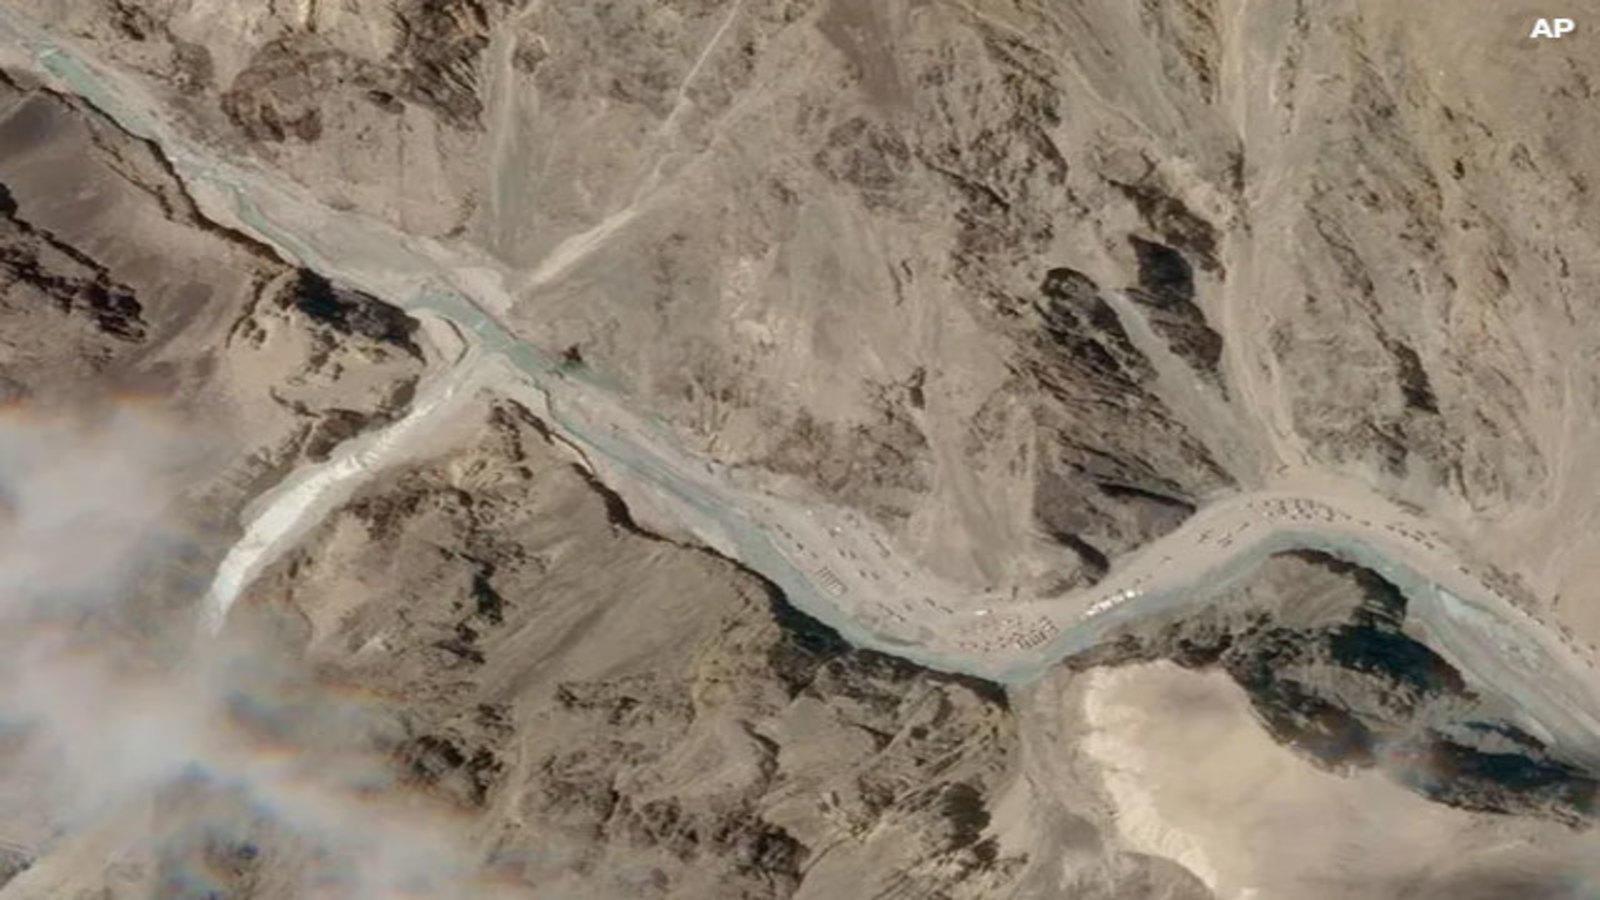 मीडिया रिपोर्ट्स में दावा किया गया था कि लद्दाख में एक बार फिर भारत और चीन के सैनिकों के बीच टकराव के हालात बने हुए हैं।